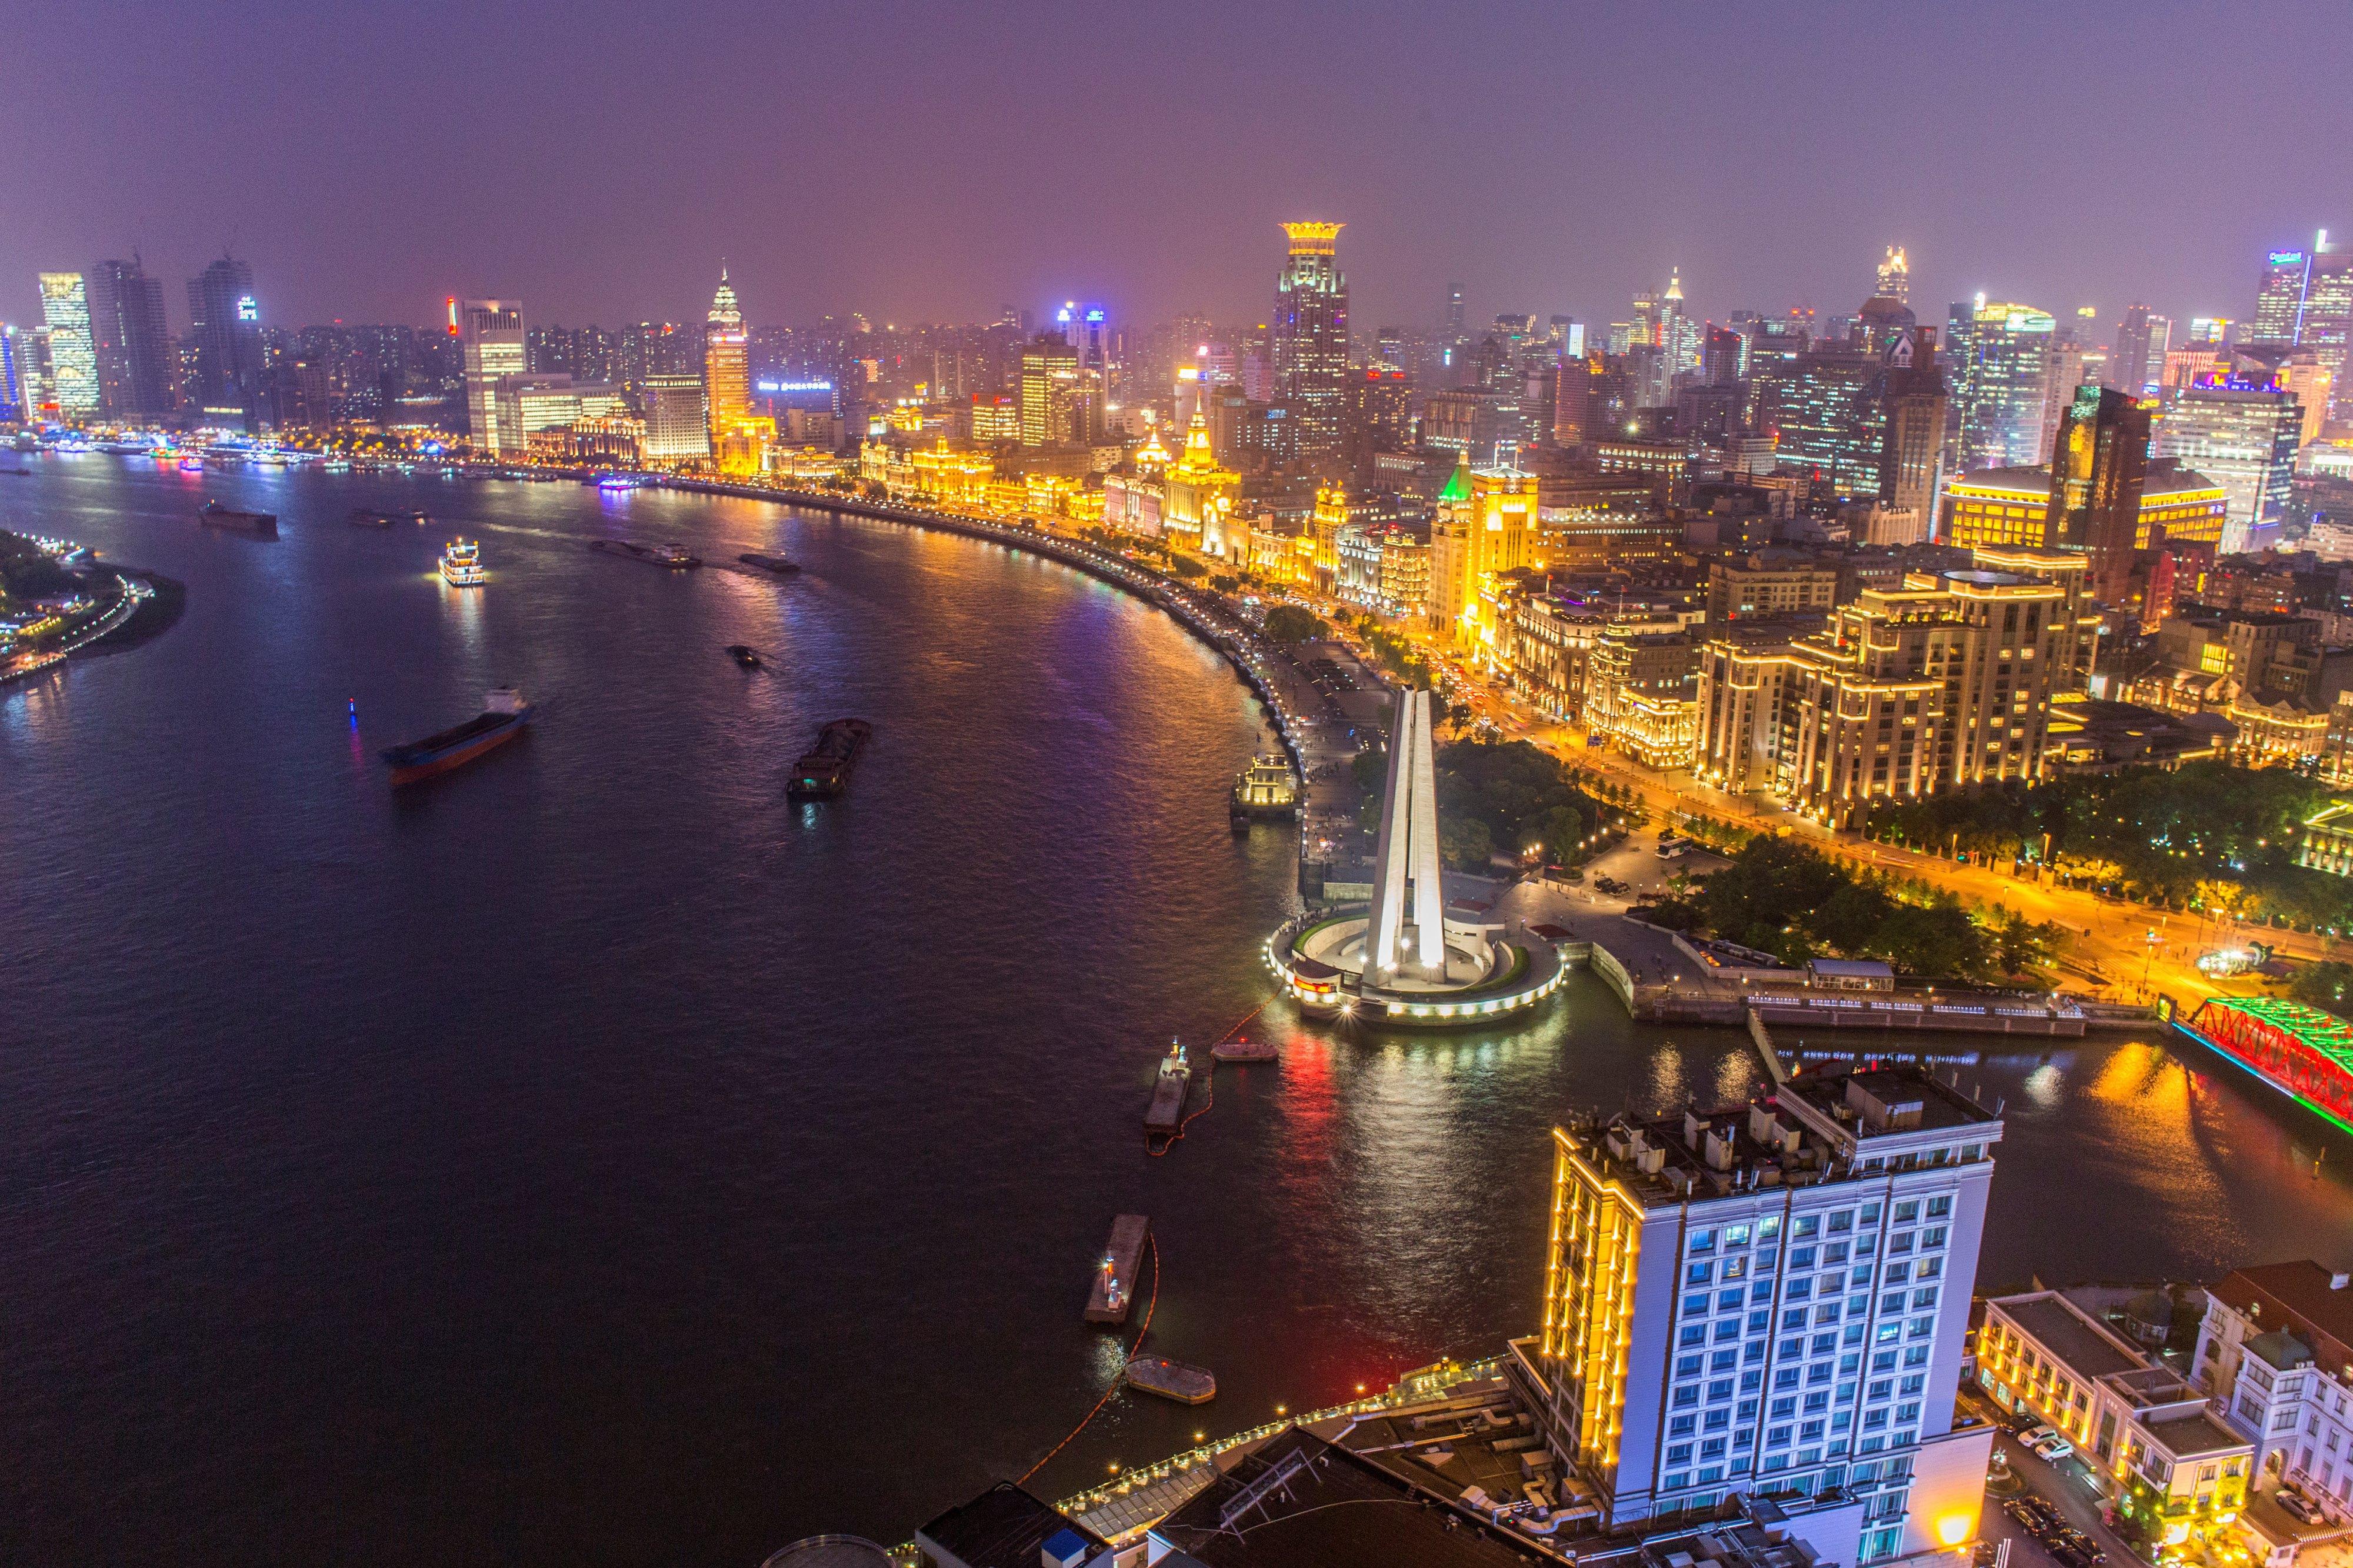 是上海城市象征意义的景点之一,万国建筑群.